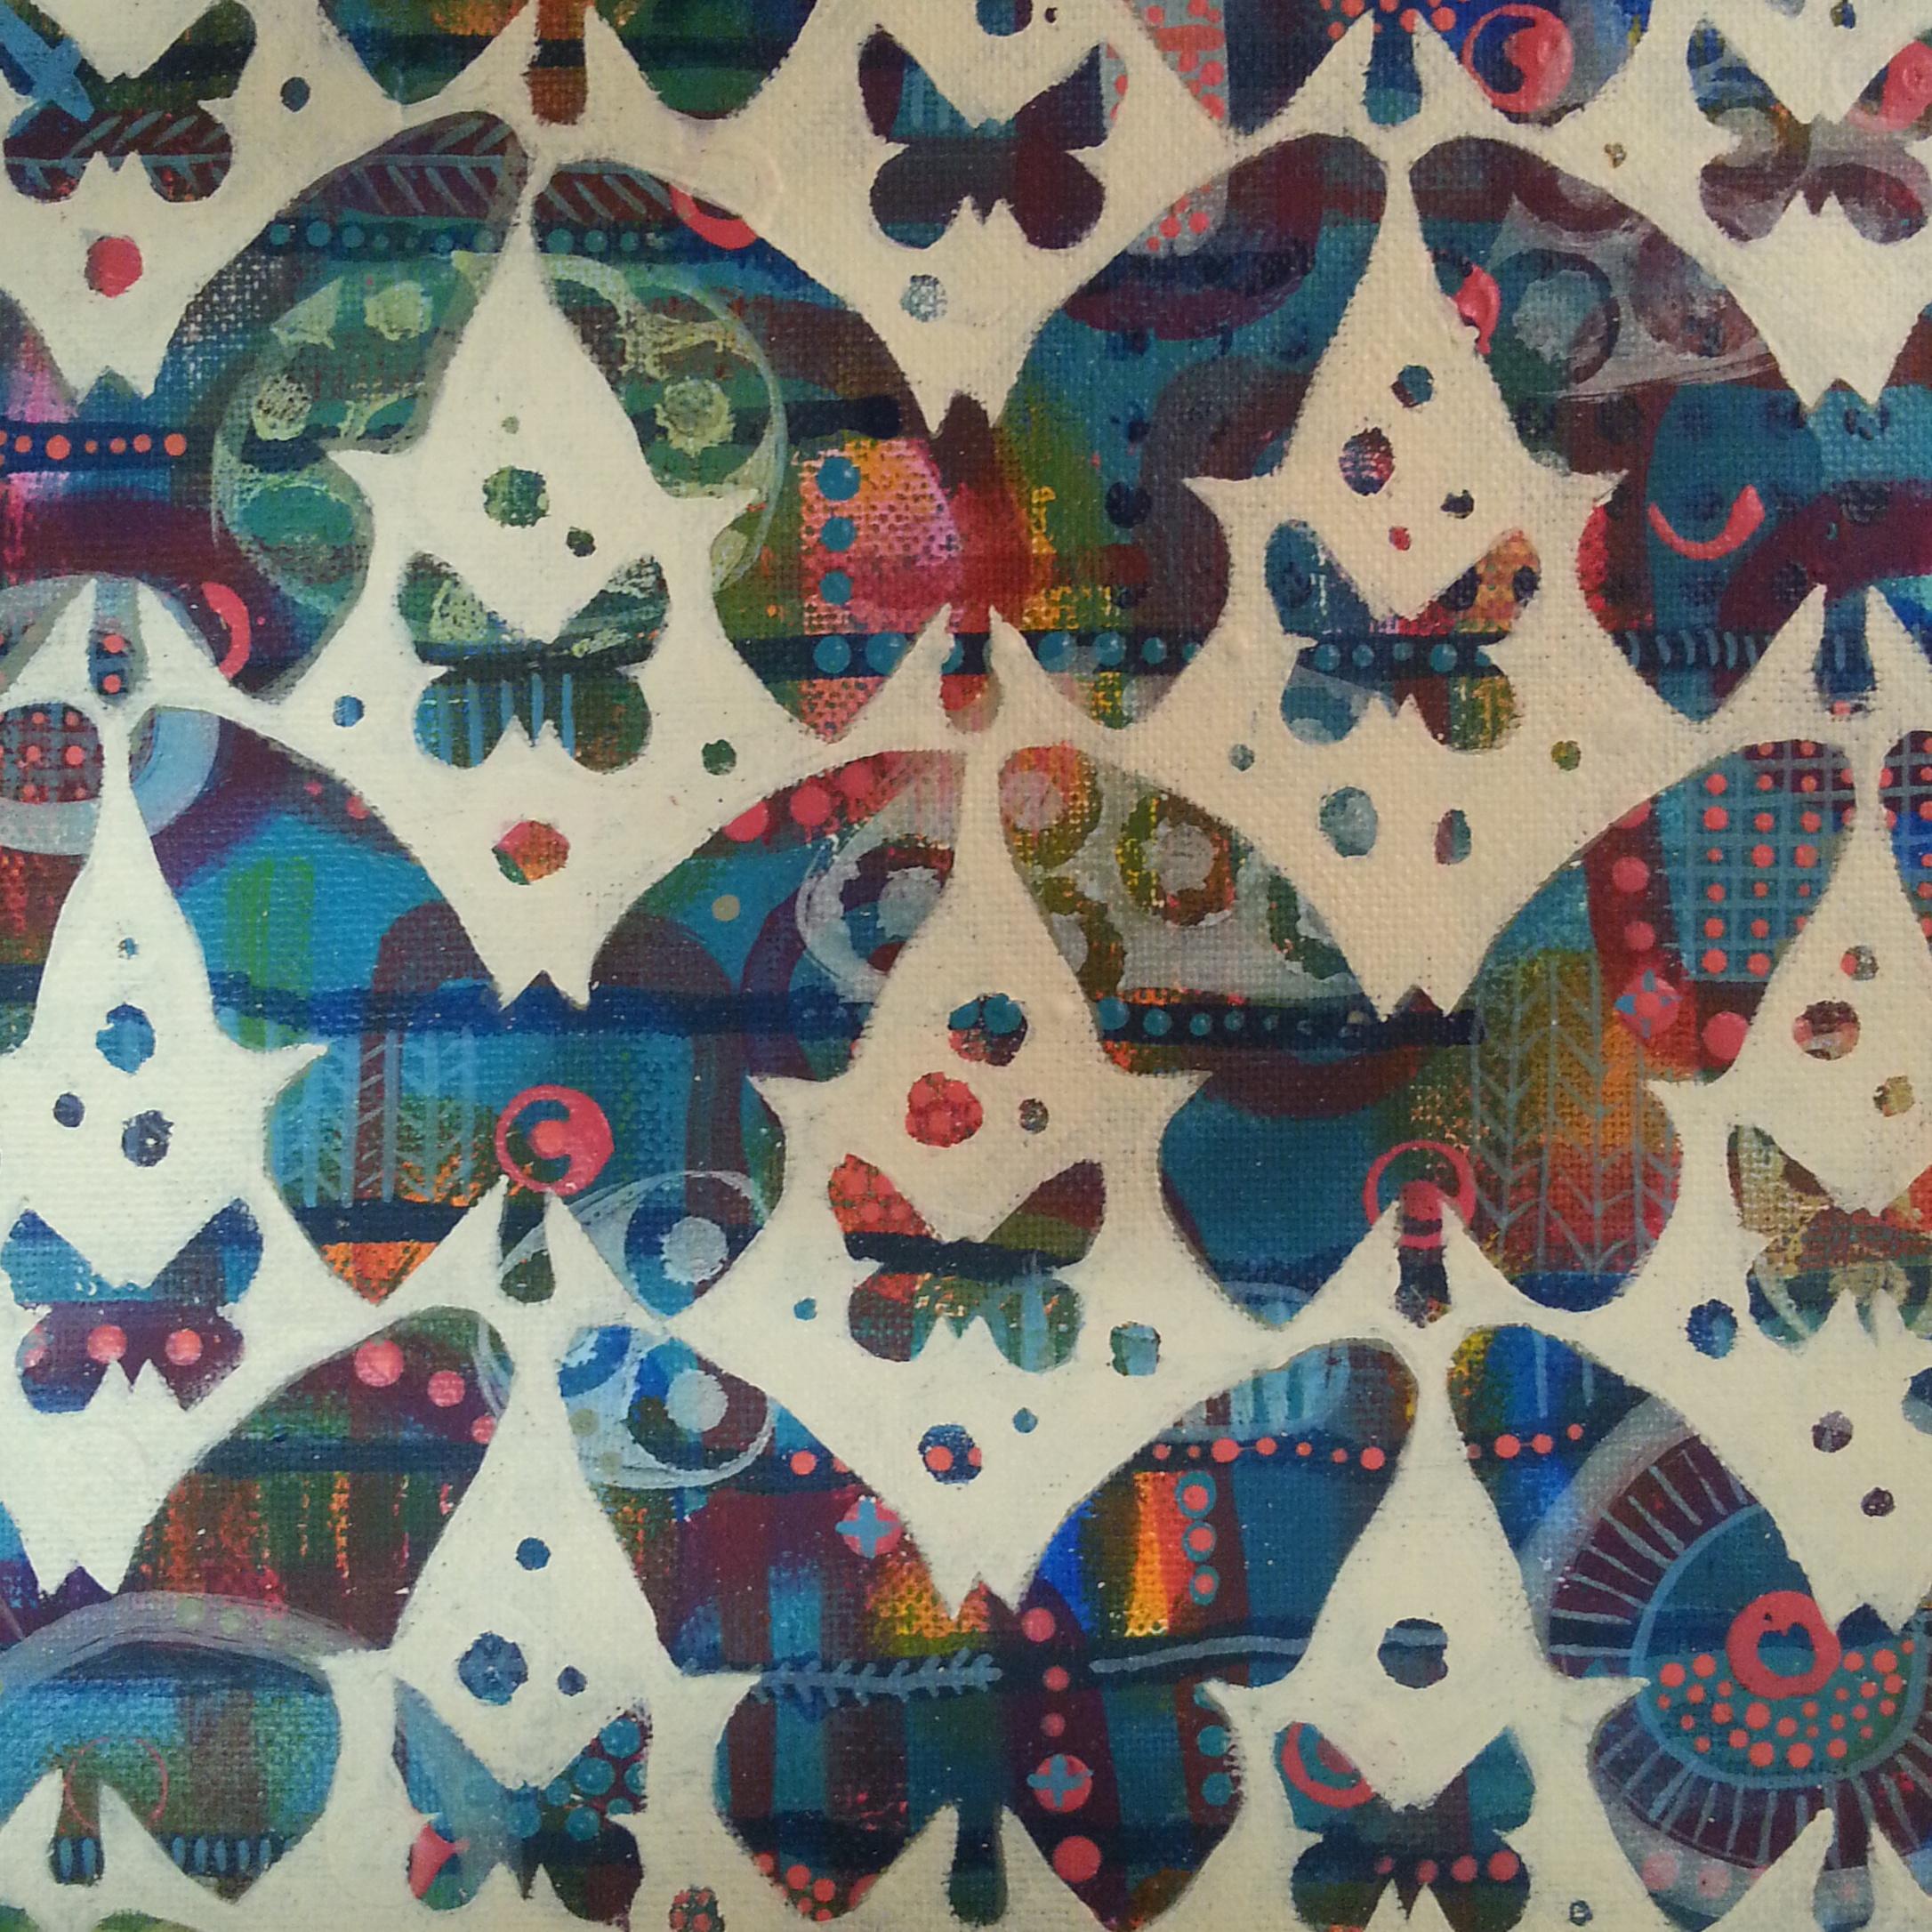 Butterflies SOLD 20cmx20cm + Postage